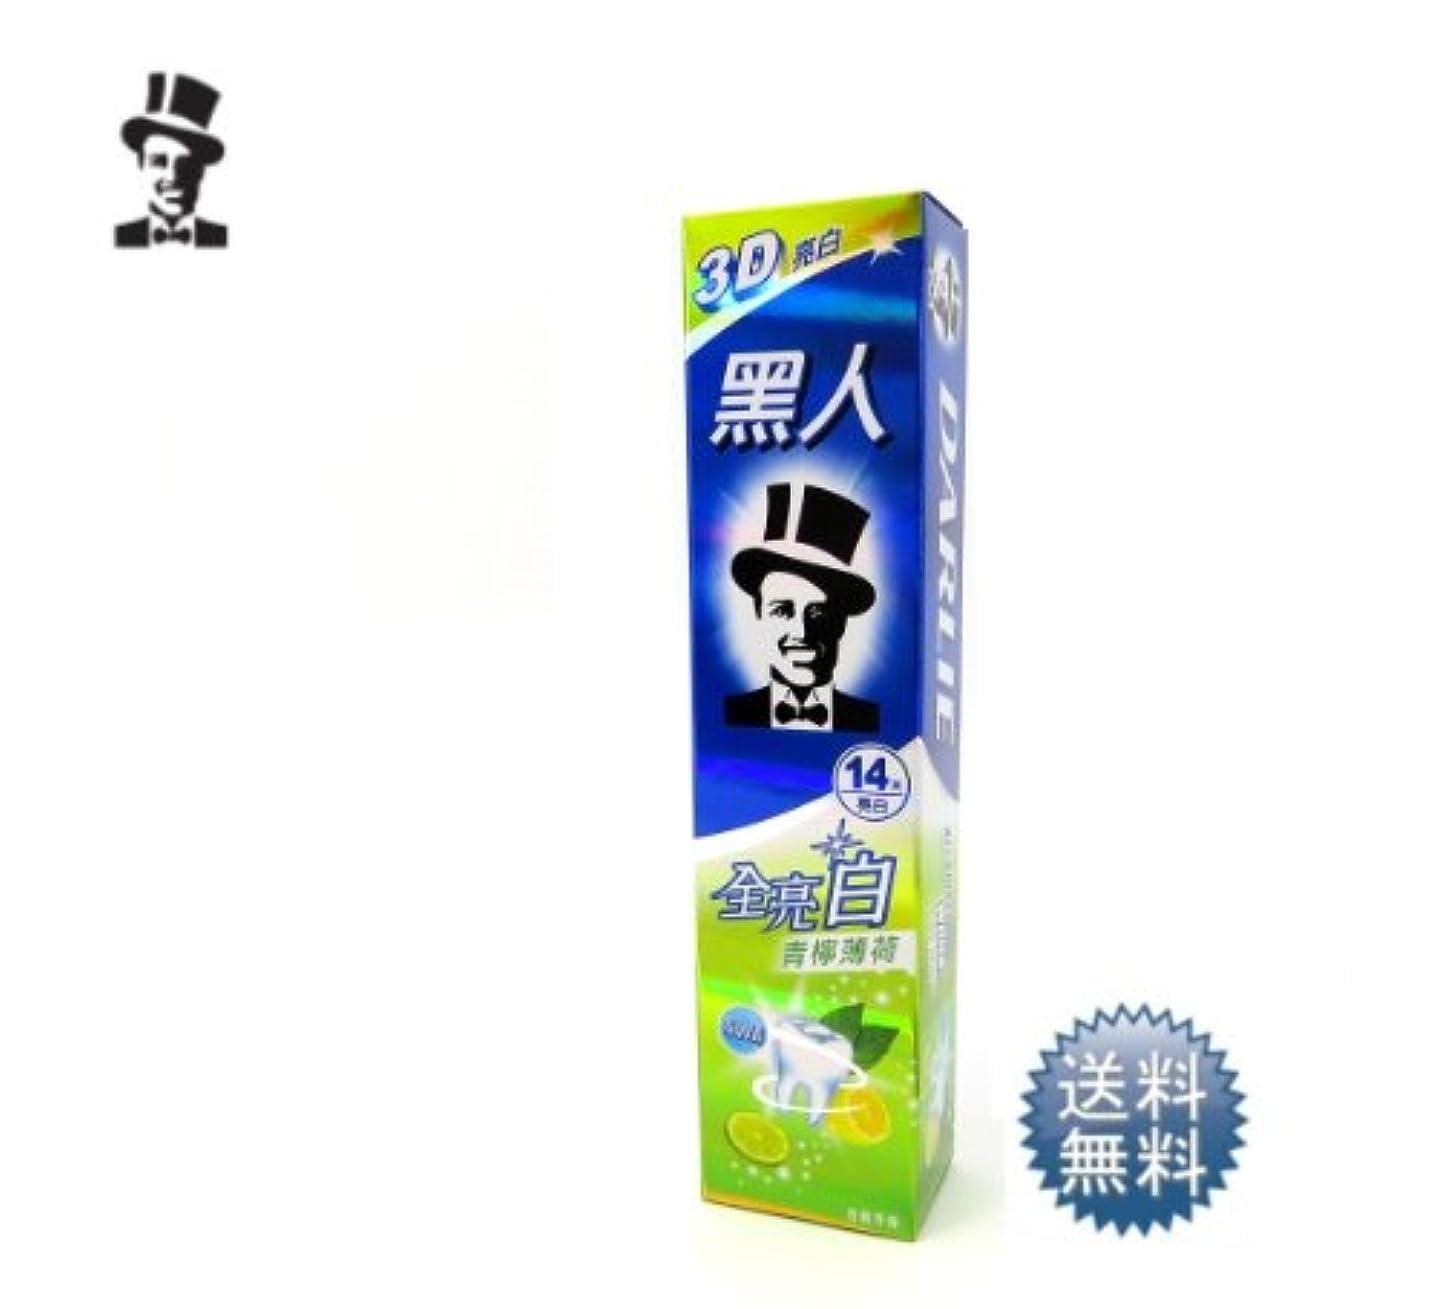 離れて稚魚アラブサラボ台湾 黒人 歯磨き 全亮白 青檸薄荷 140g